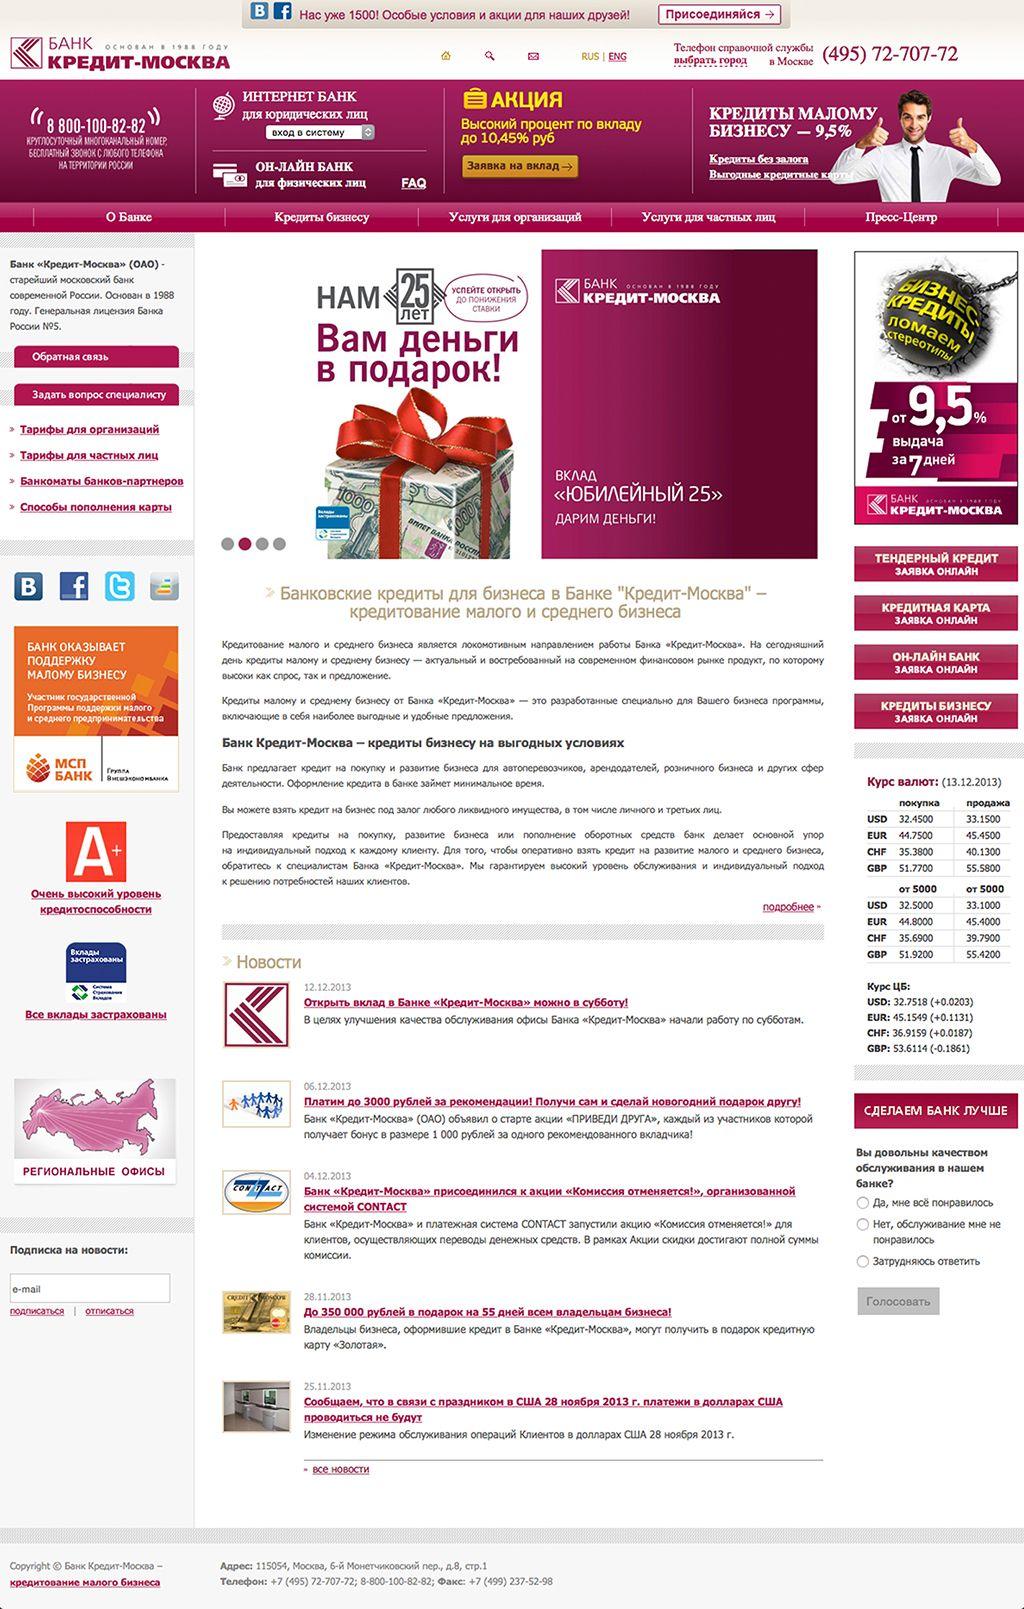 как получить кредитную карту альфа банка rsb24.ru